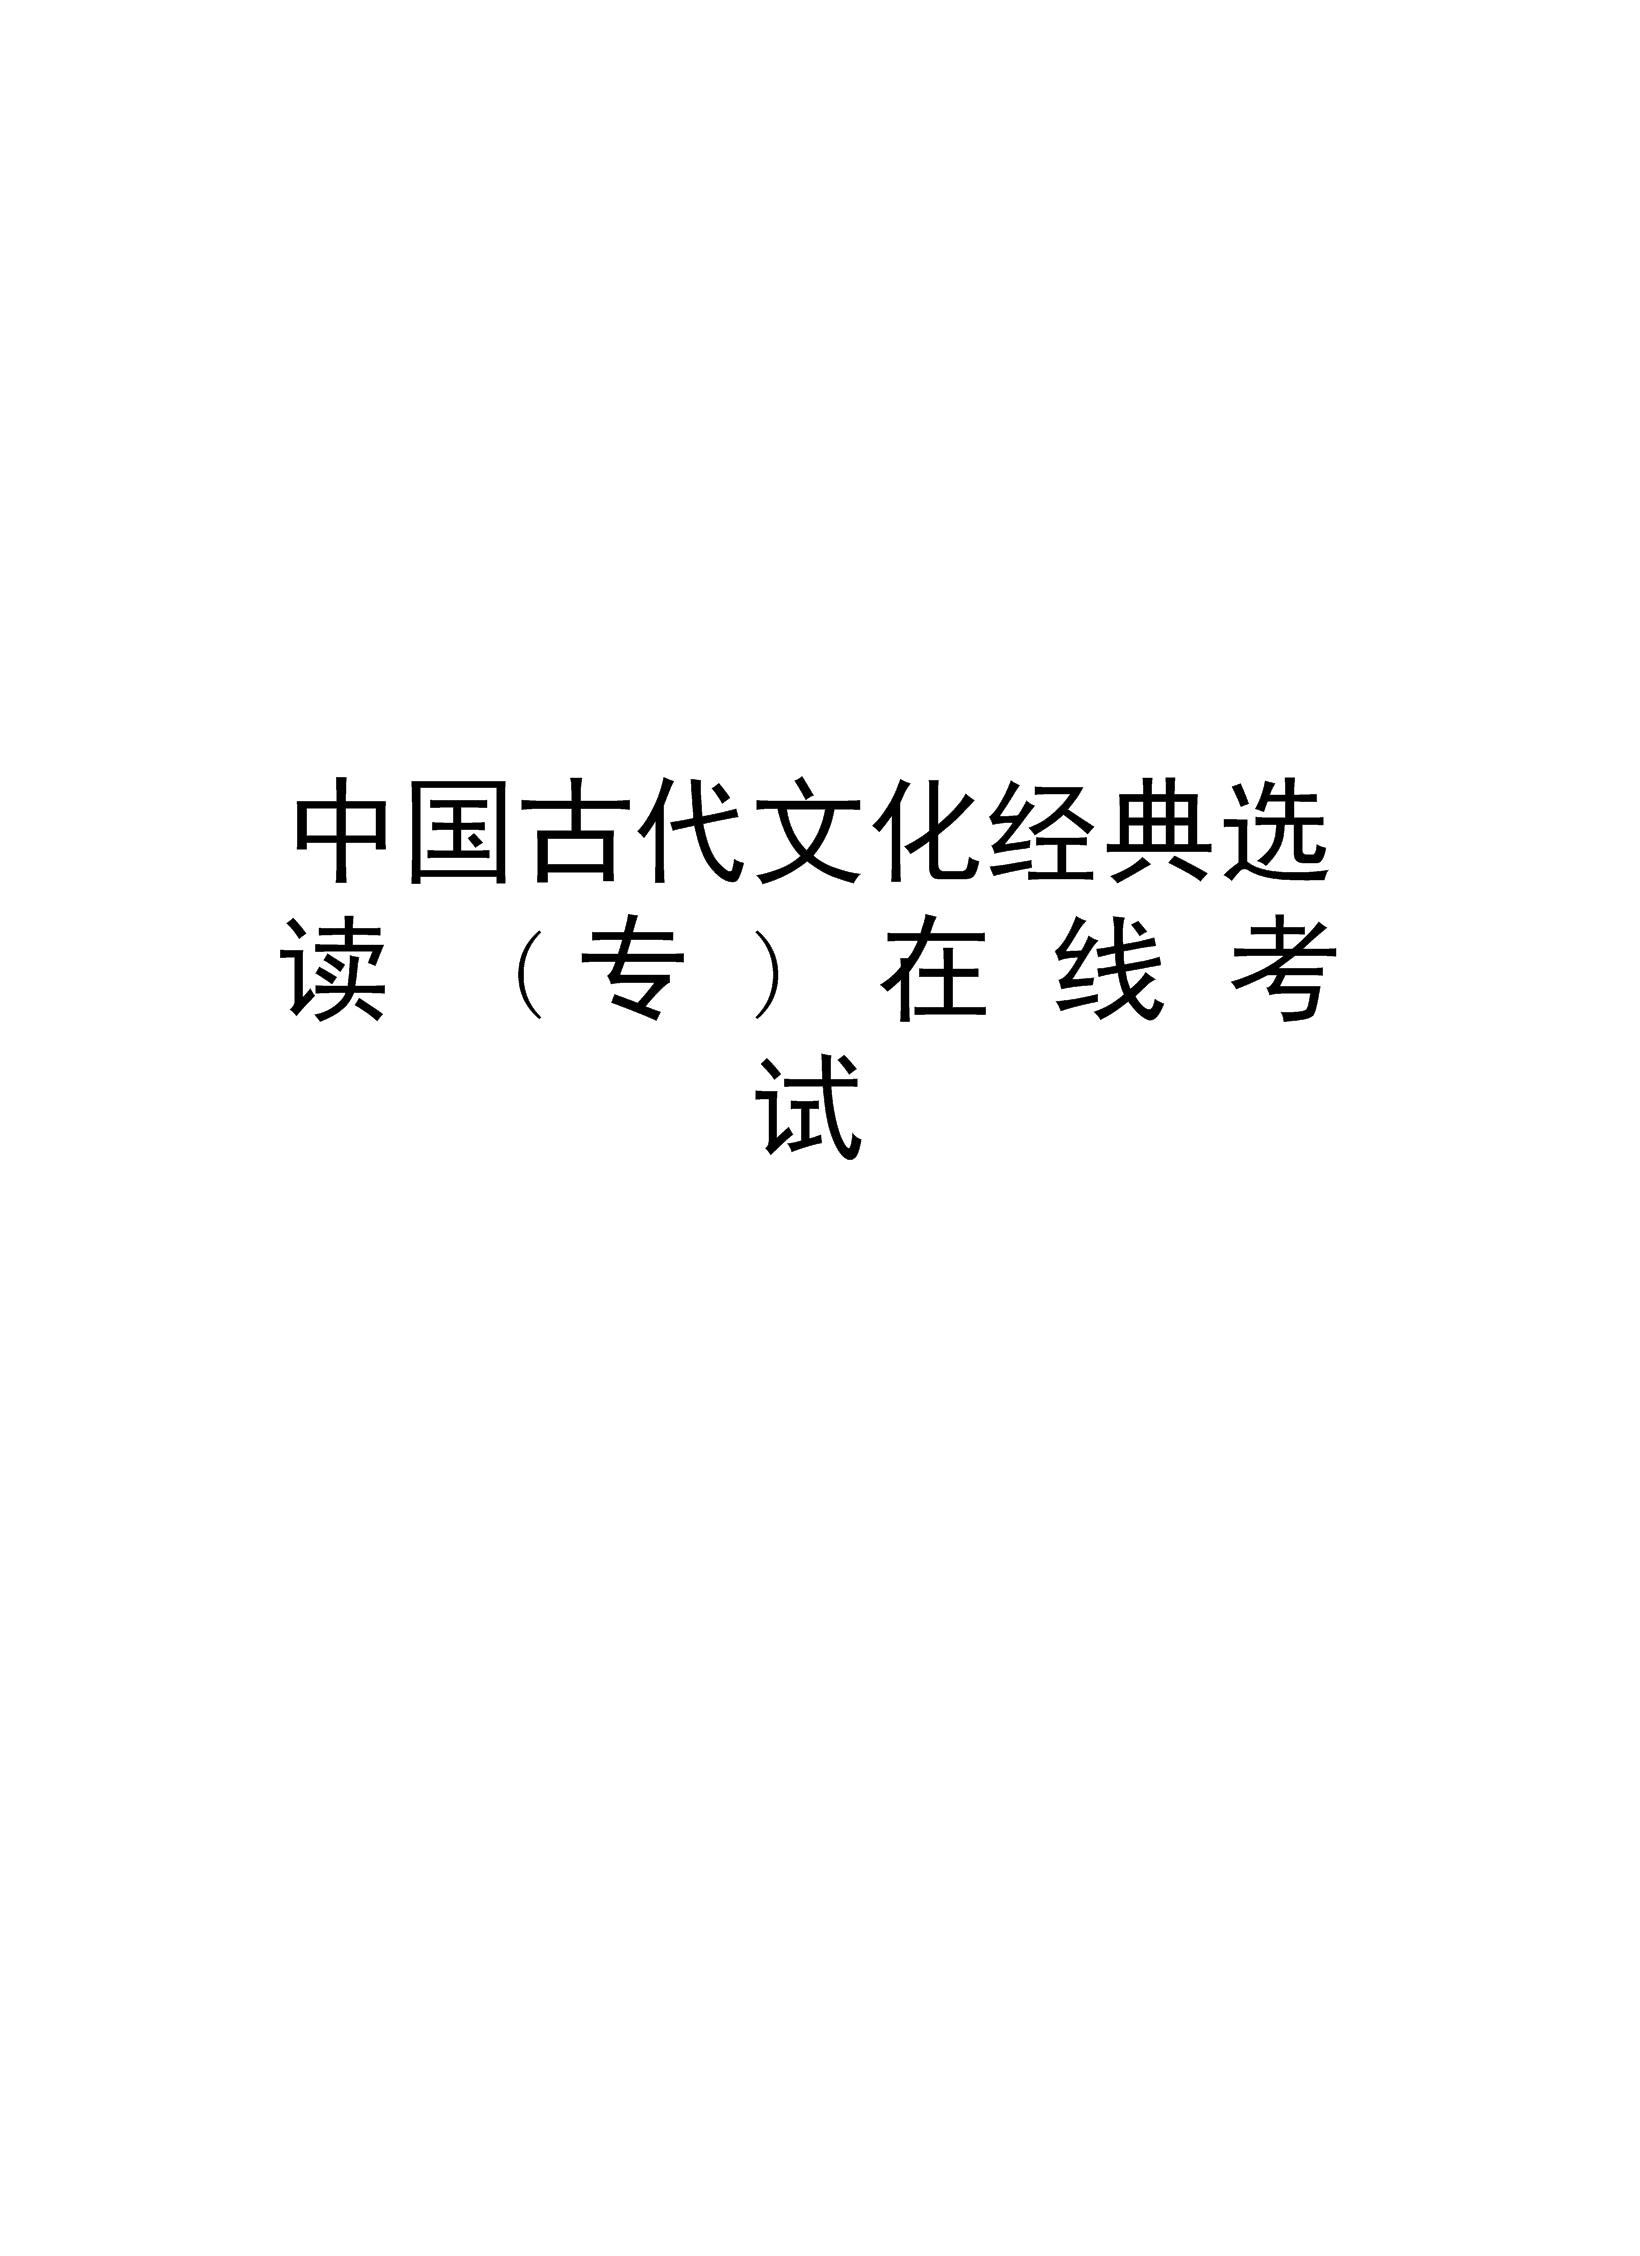 中国古代文化经典选读(专)在线考试教学文案.docx